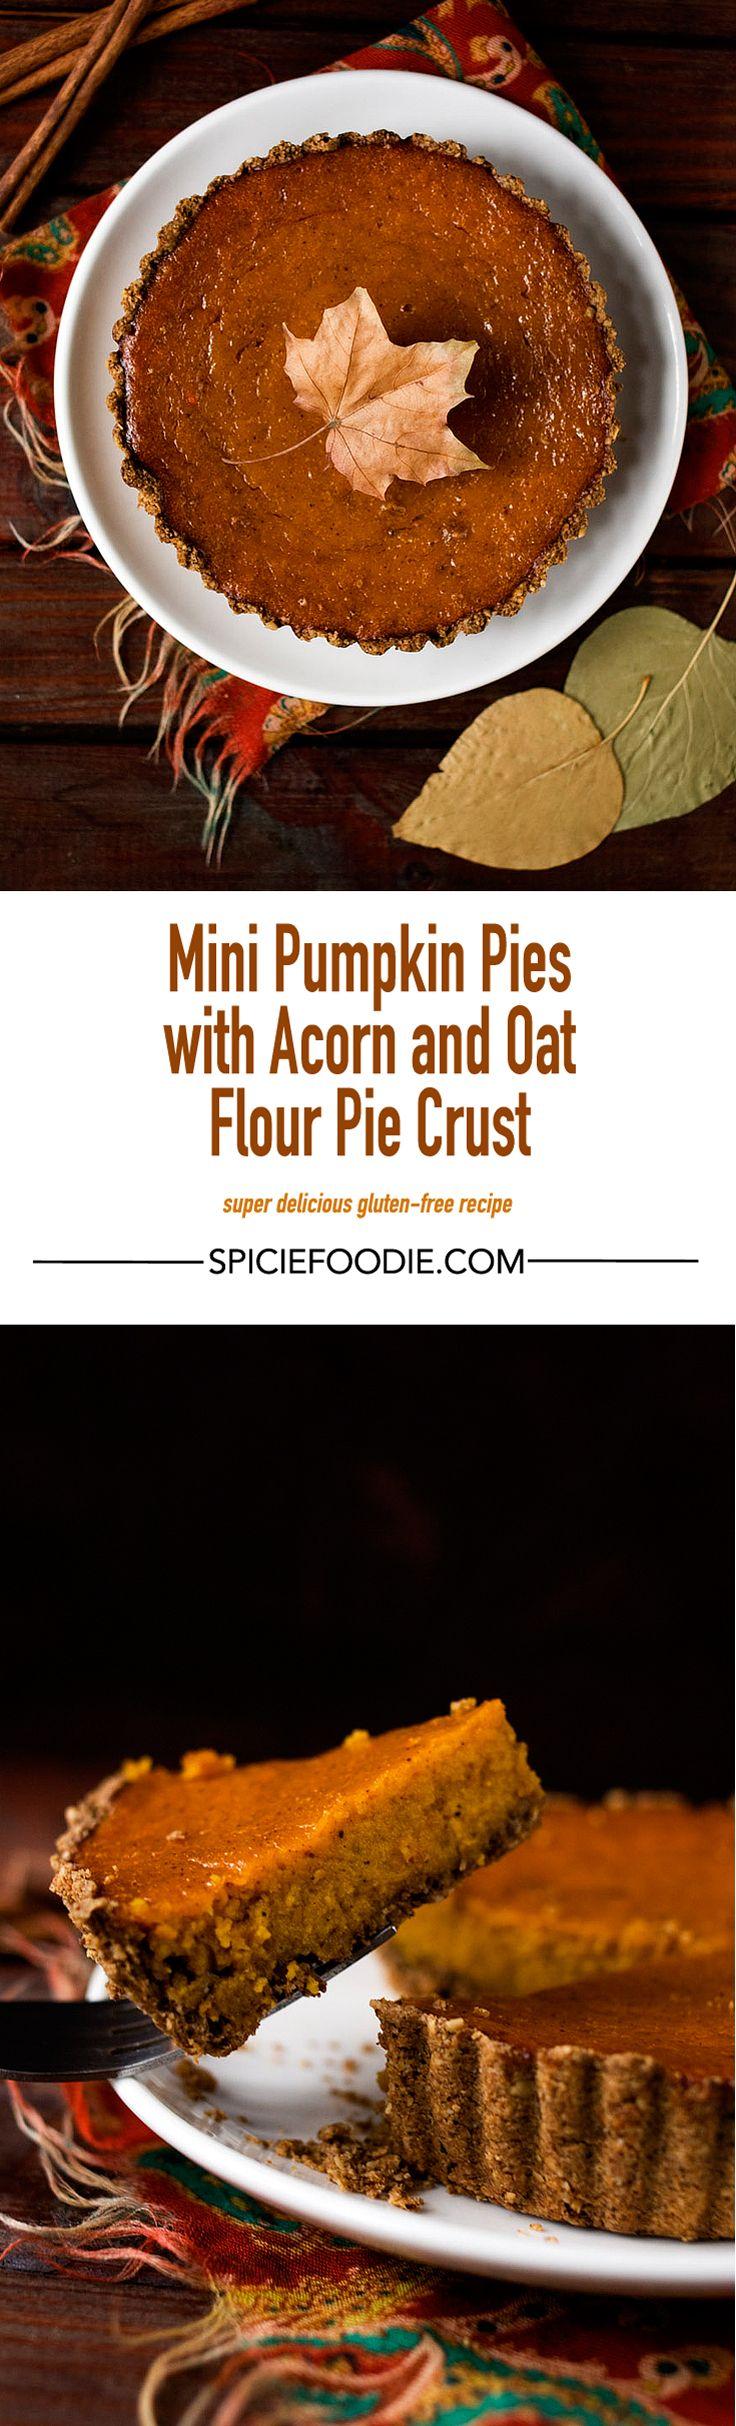 Mini #Pumpkin #Pies Made With #Acorn and #Oat Flour Pie Crust | #pumpkinpie #dessert #homemade